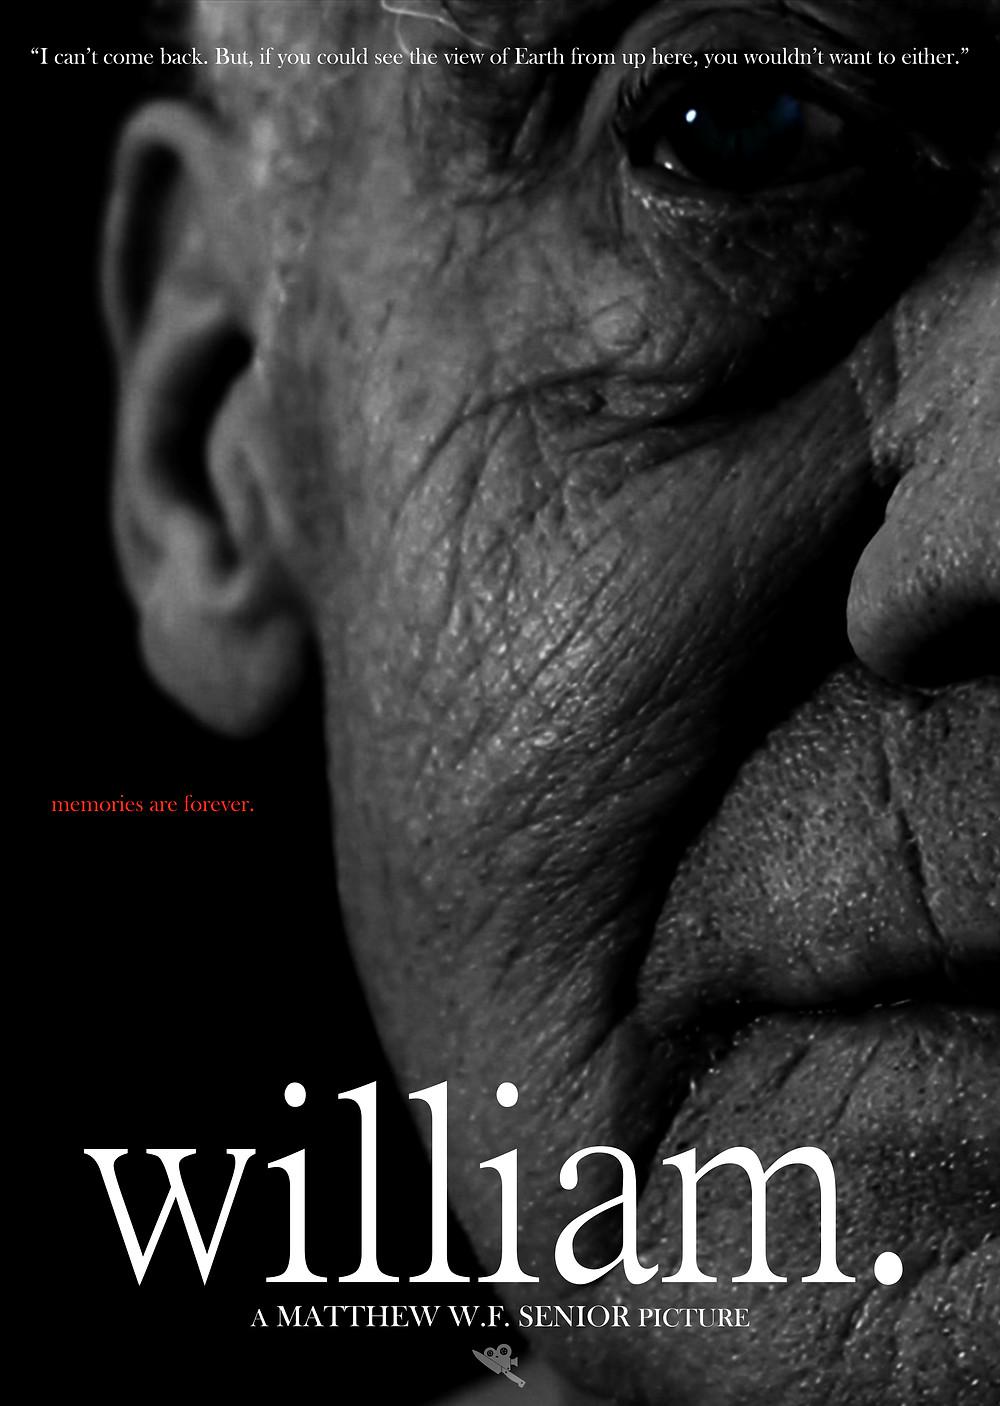 'william.' Alternate Poster (2019)